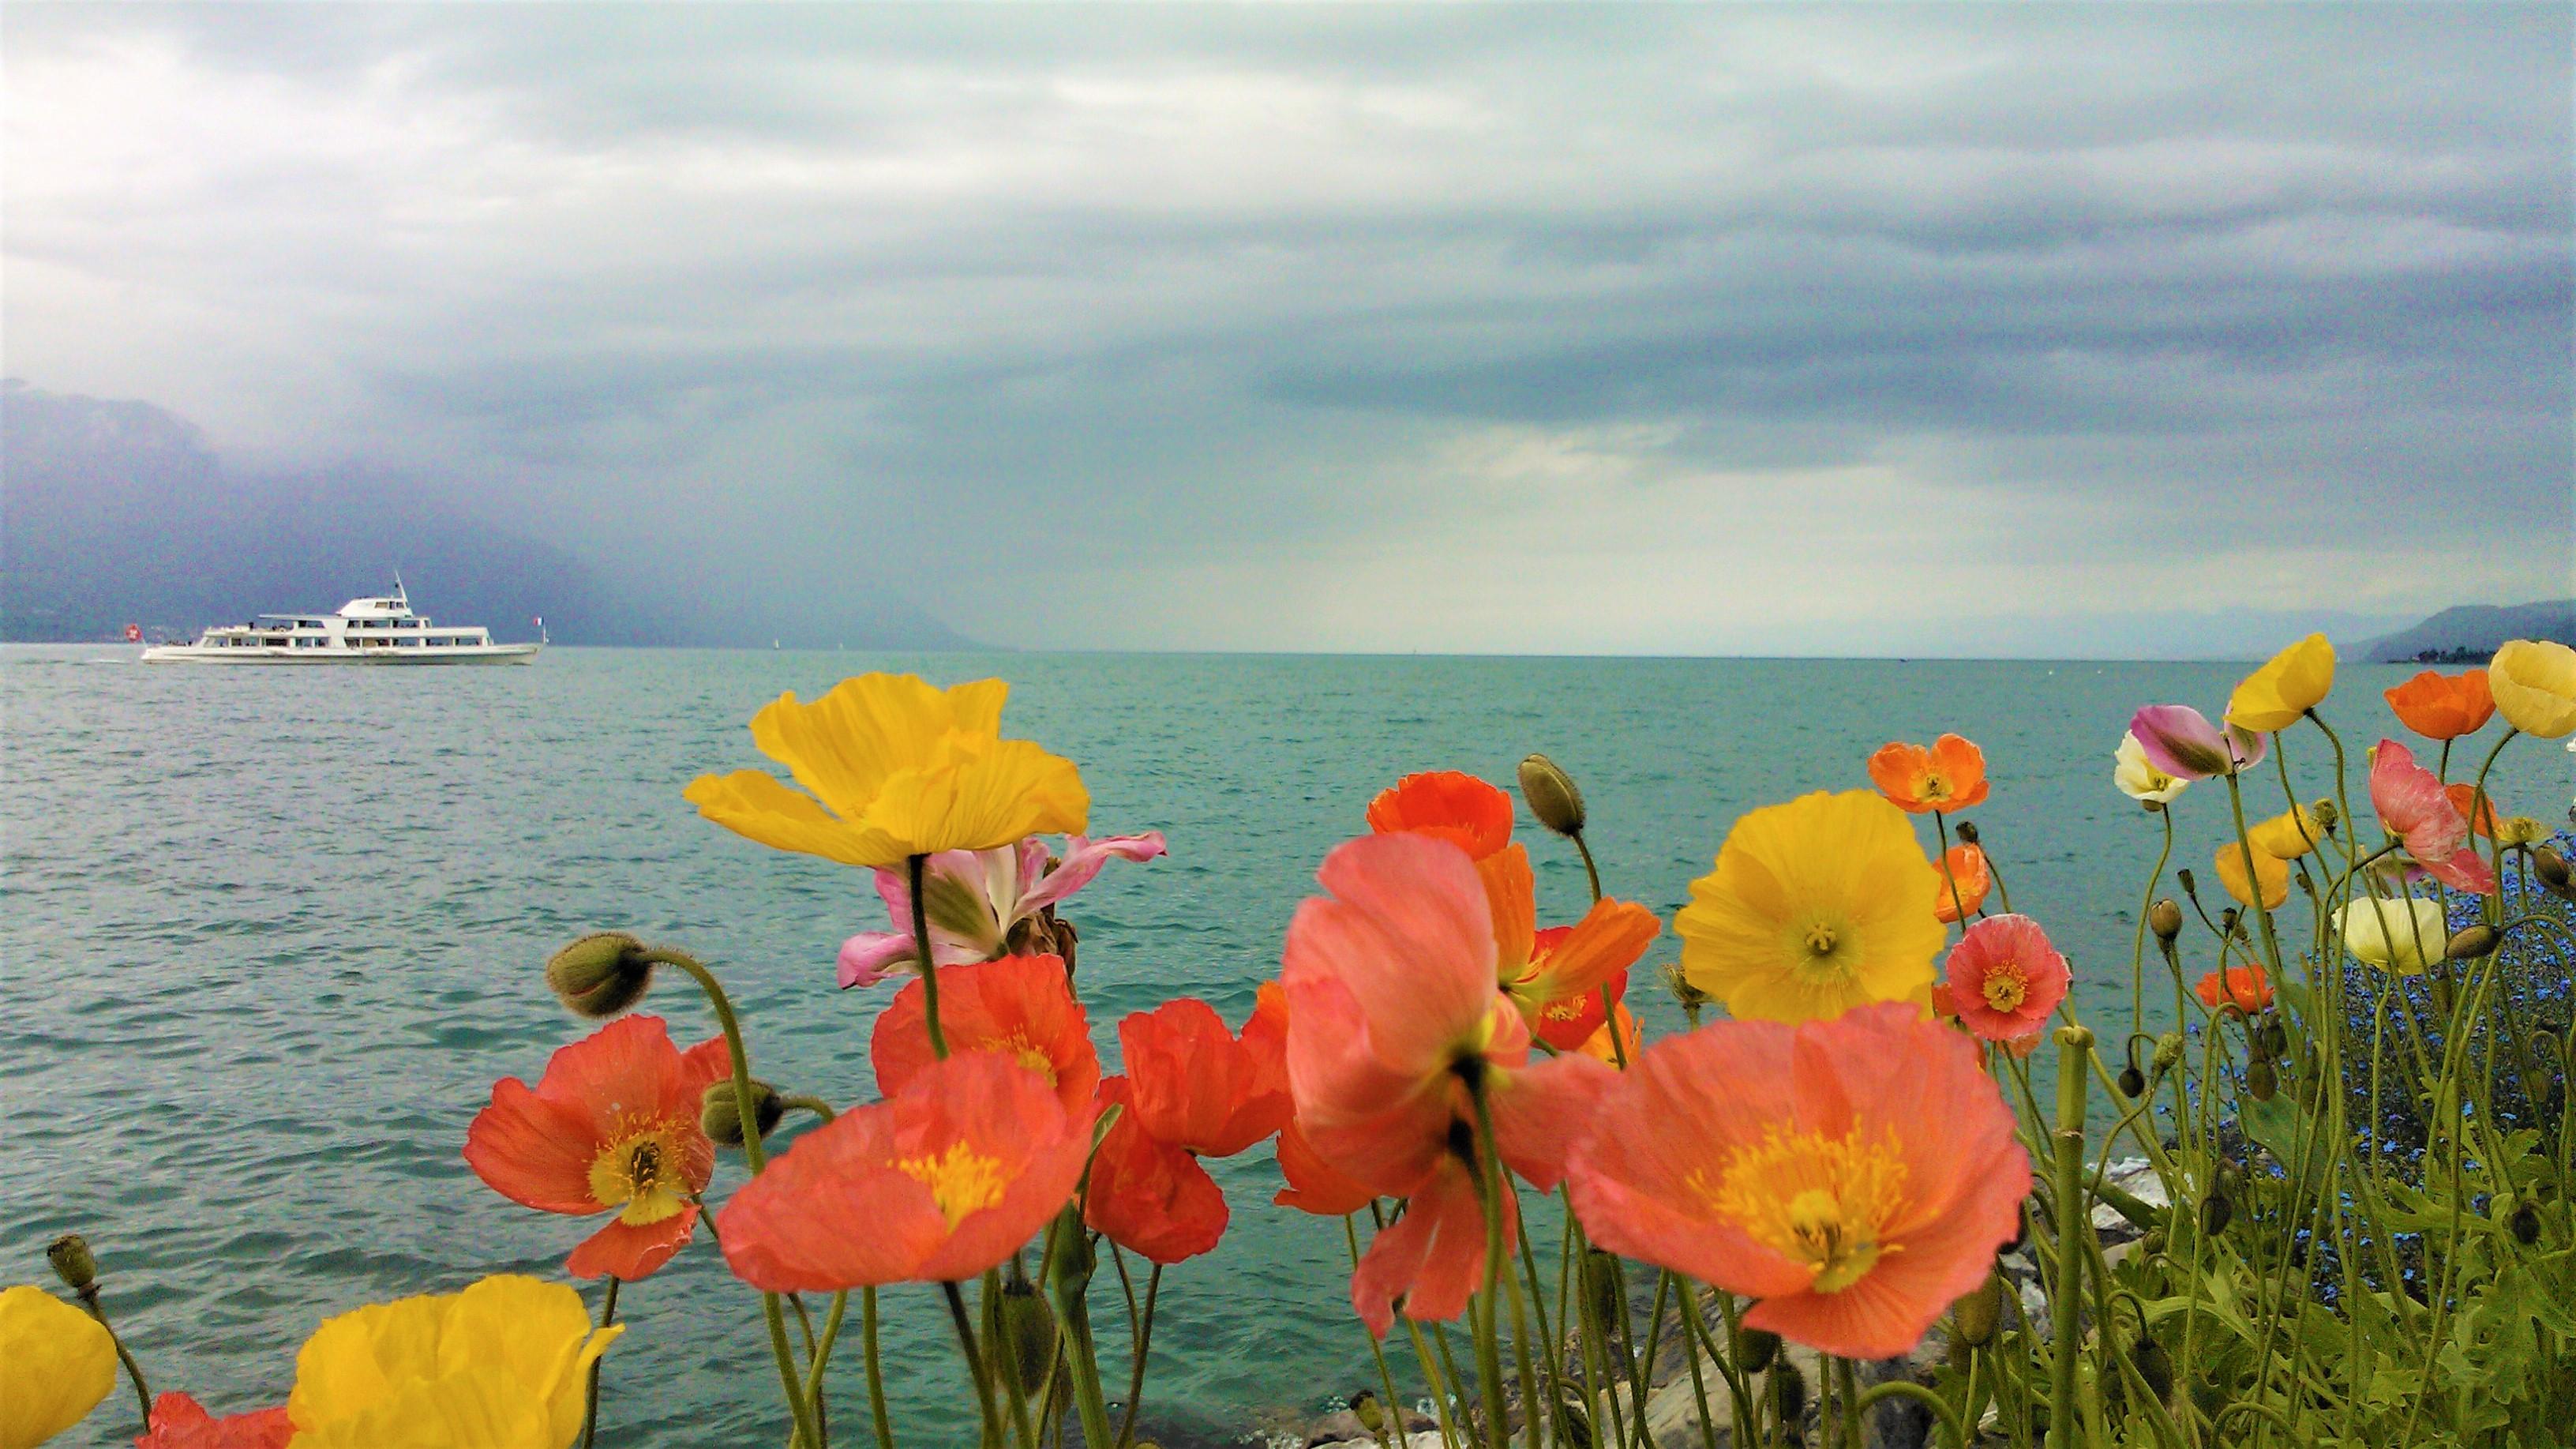 sens vie voyage road-trip canada nouveau-brunswick arpenter le chemin blog